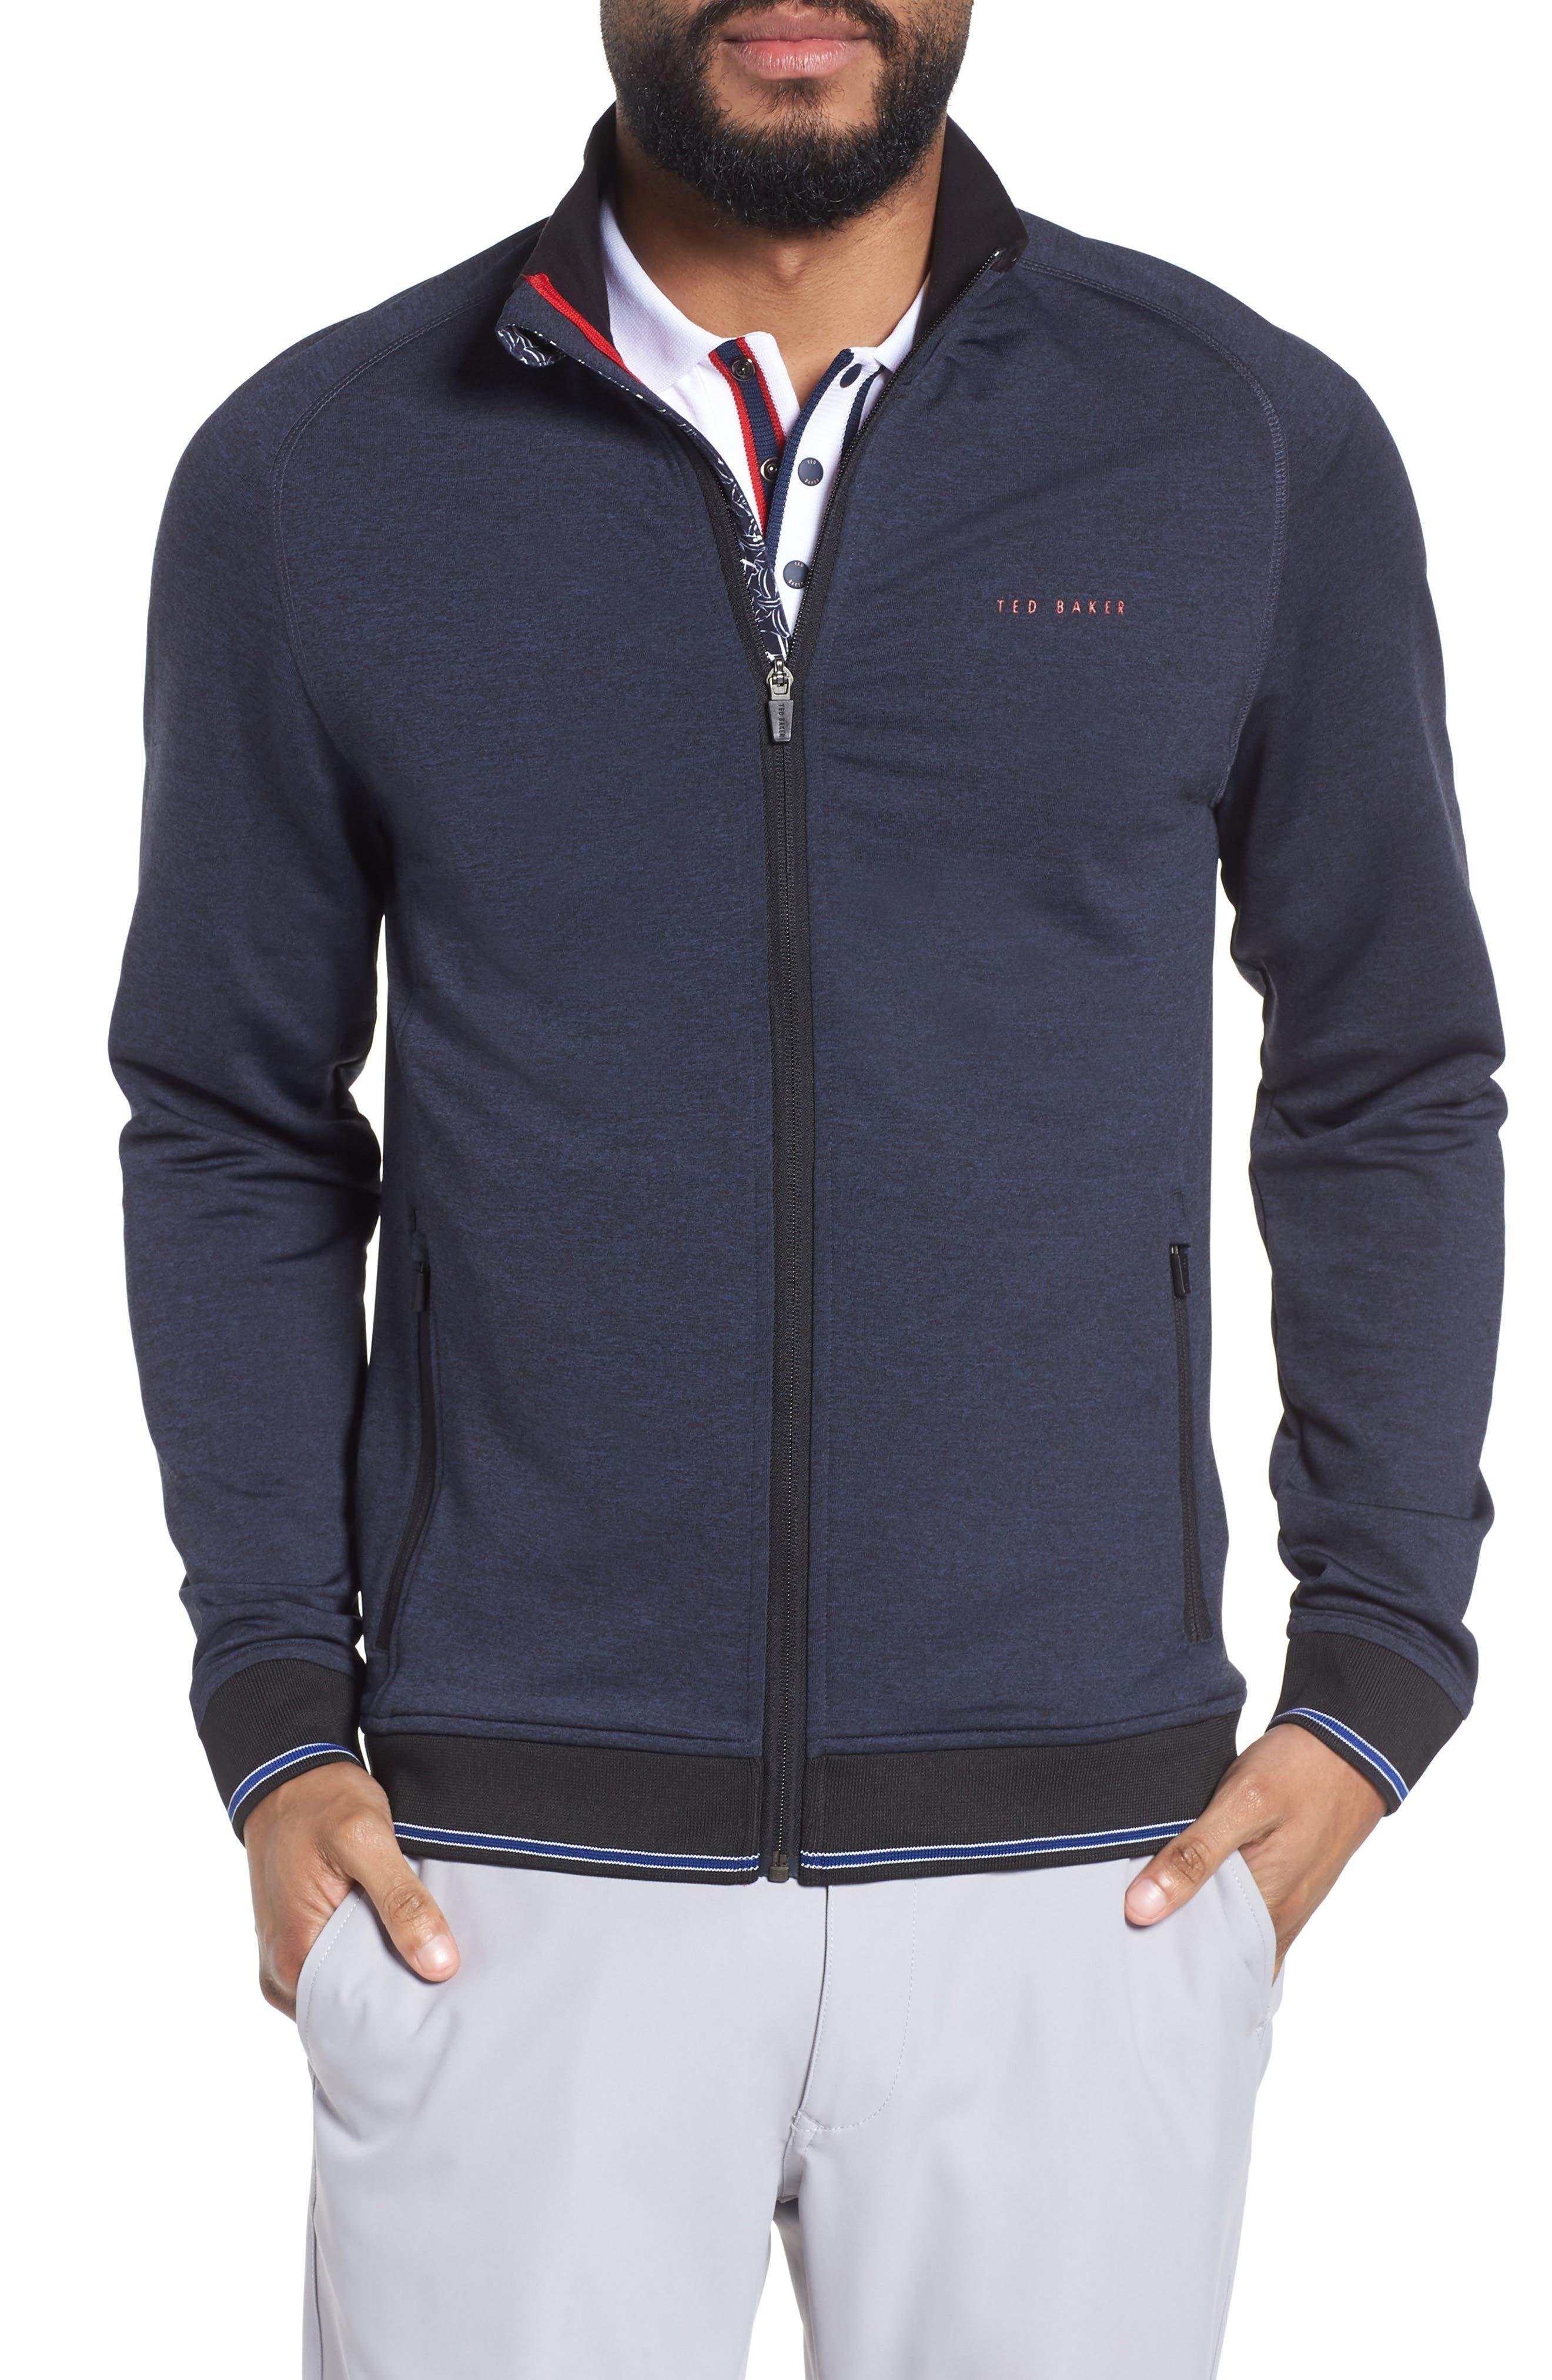 Parway Knit Golf Jacket,                             Main thumbnail 1, color,                             410